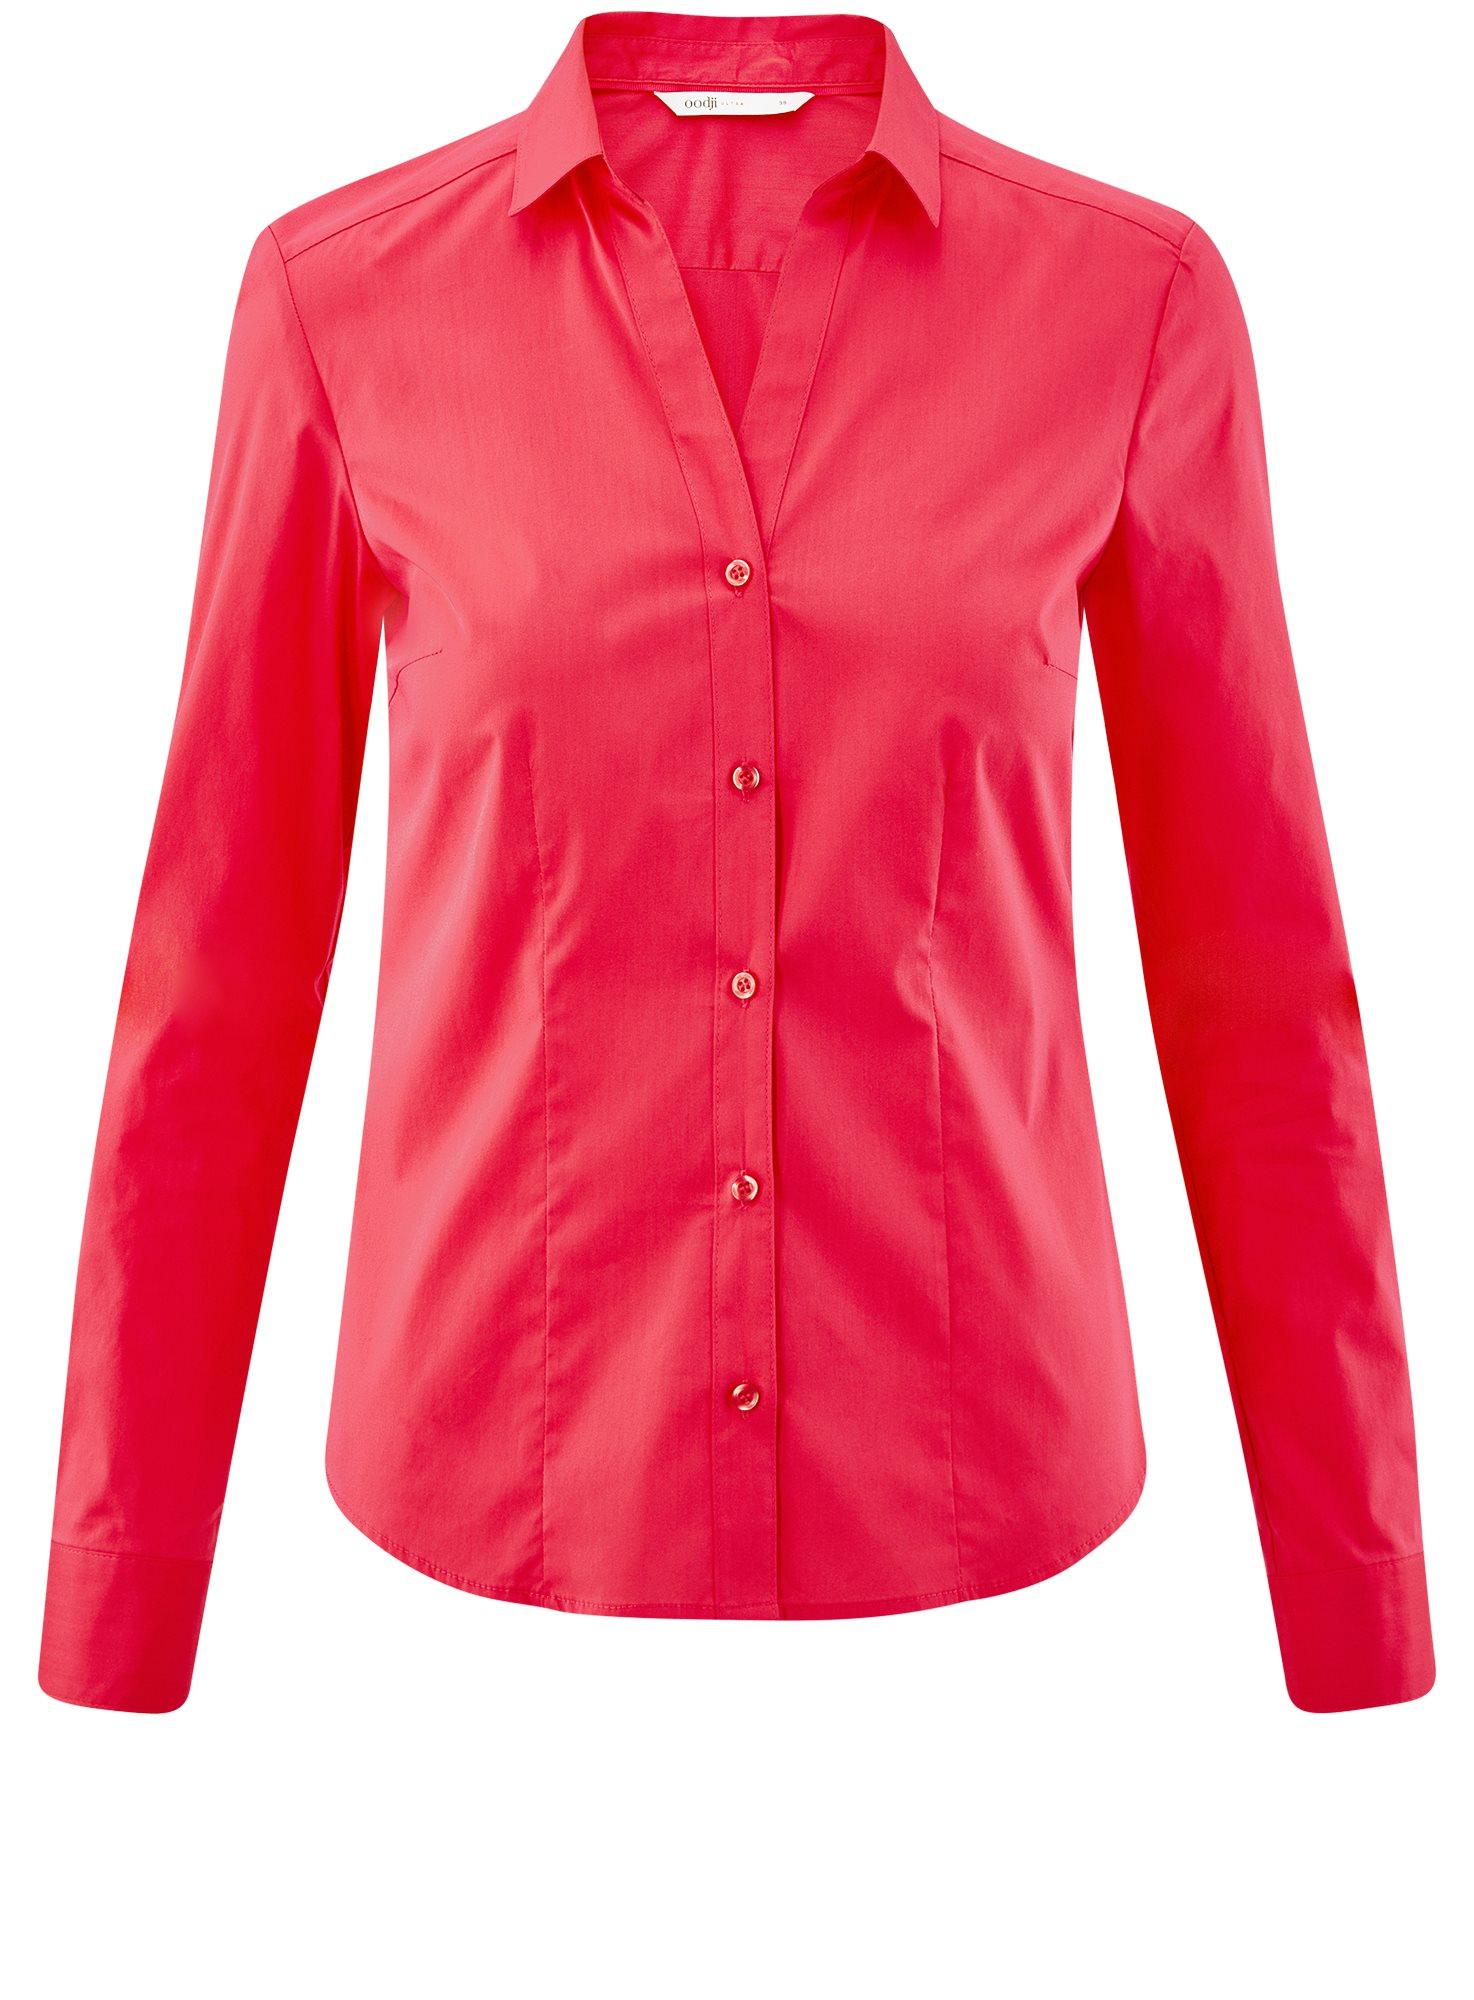 Рубашка приталенная с V-образным вырезом oodji для женщины (розовый), 11402092B/42083/4D00N